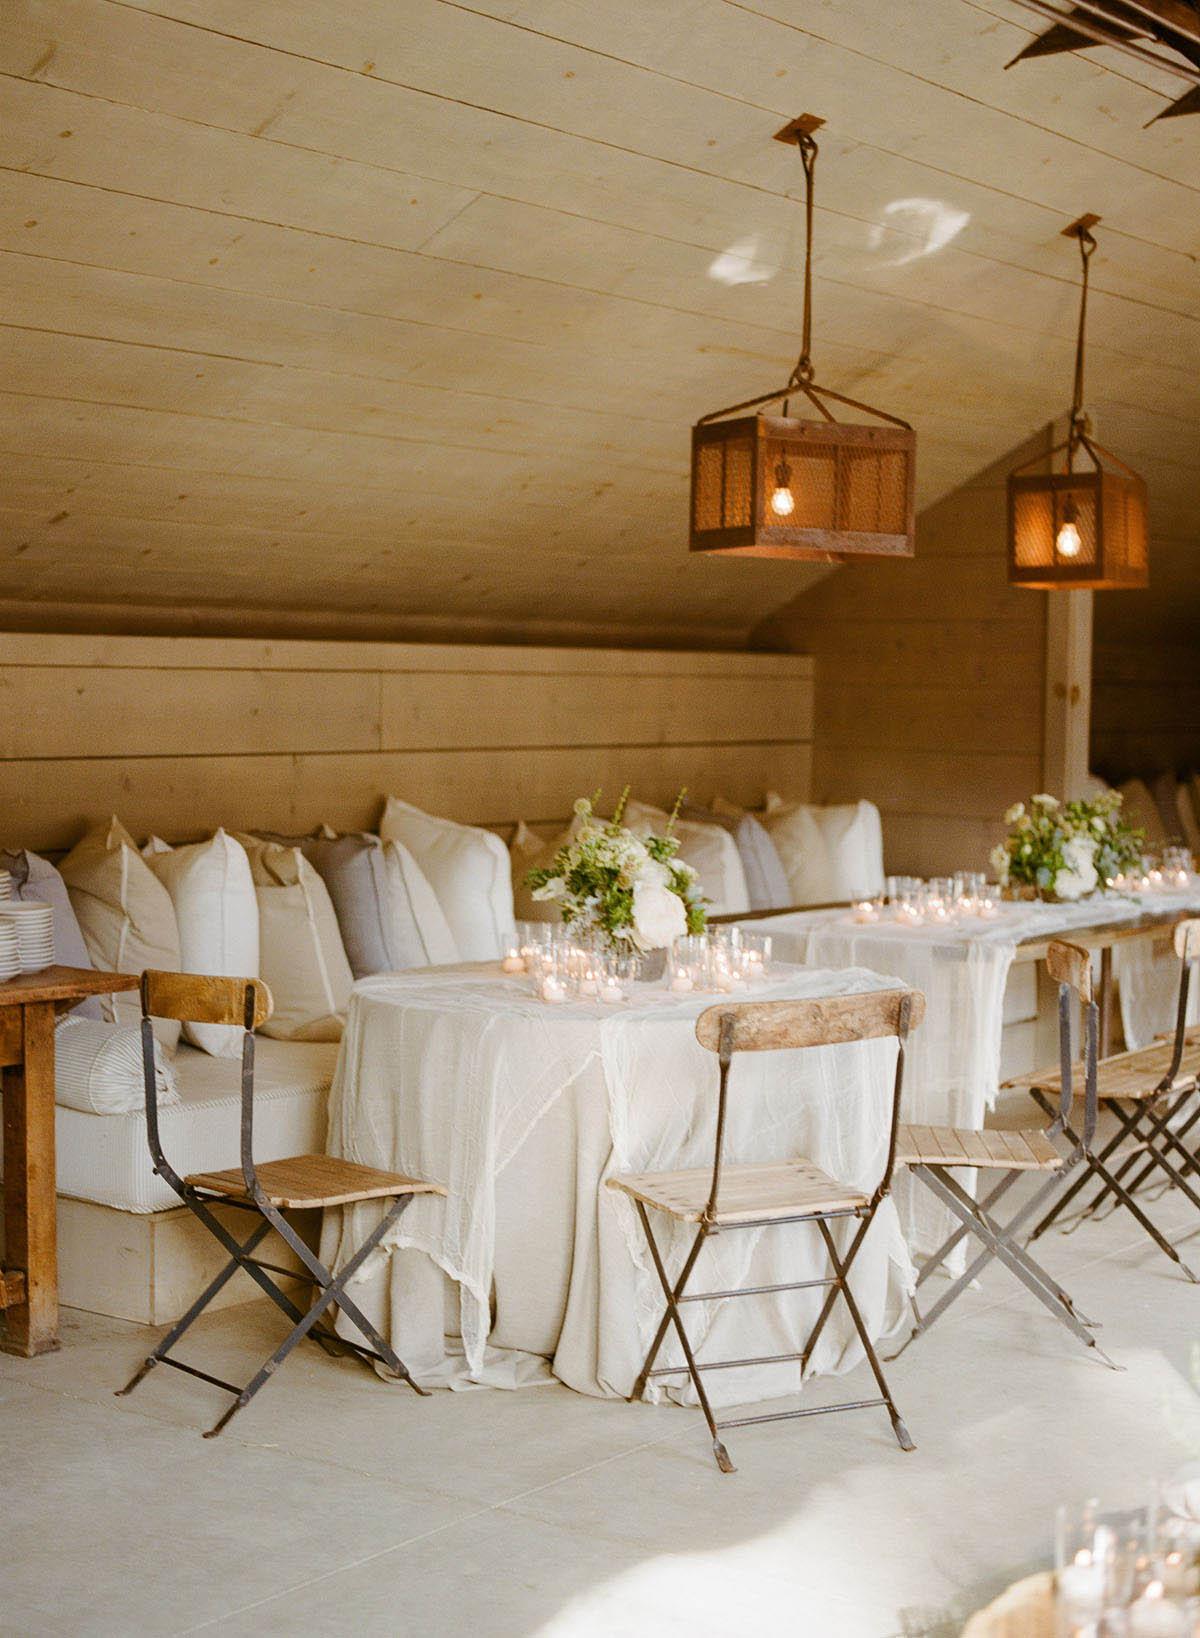 11-rustic-wedding-ideas.jpg